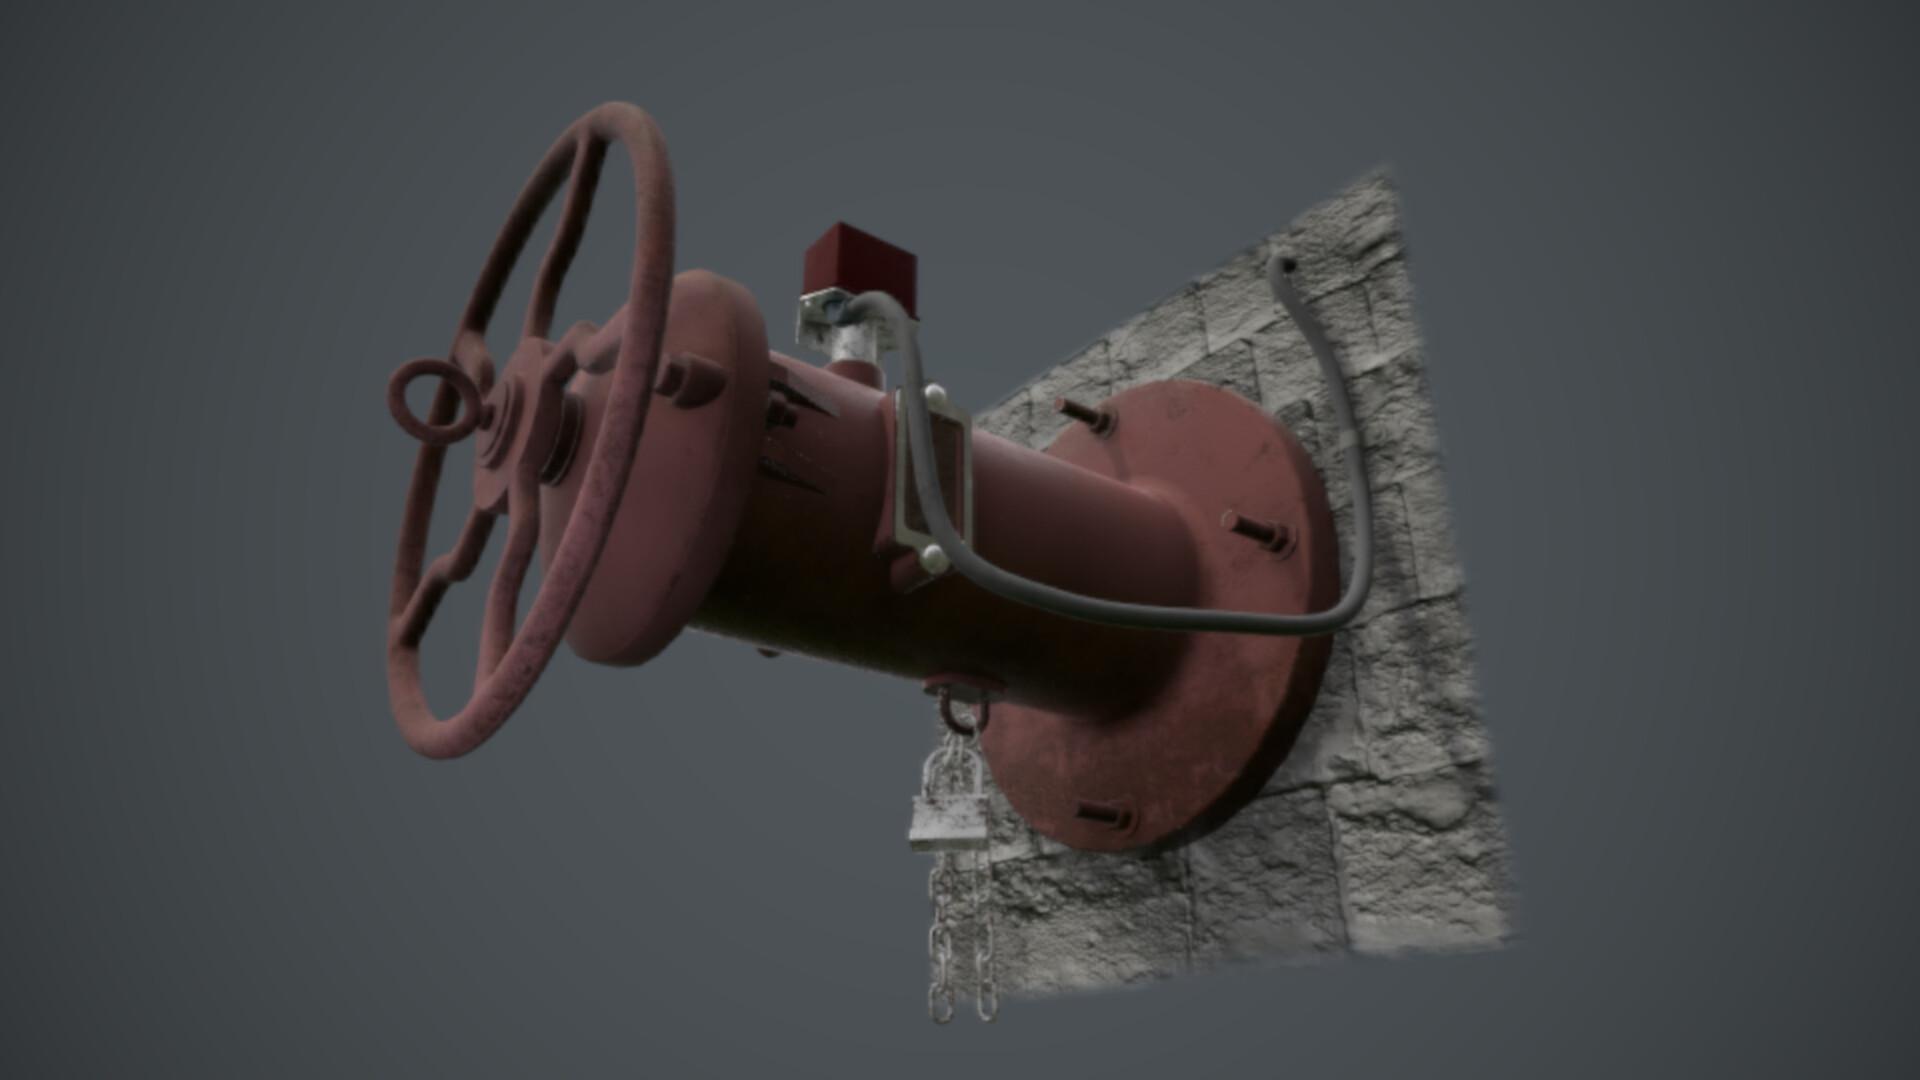 Billy reiter control valve 02